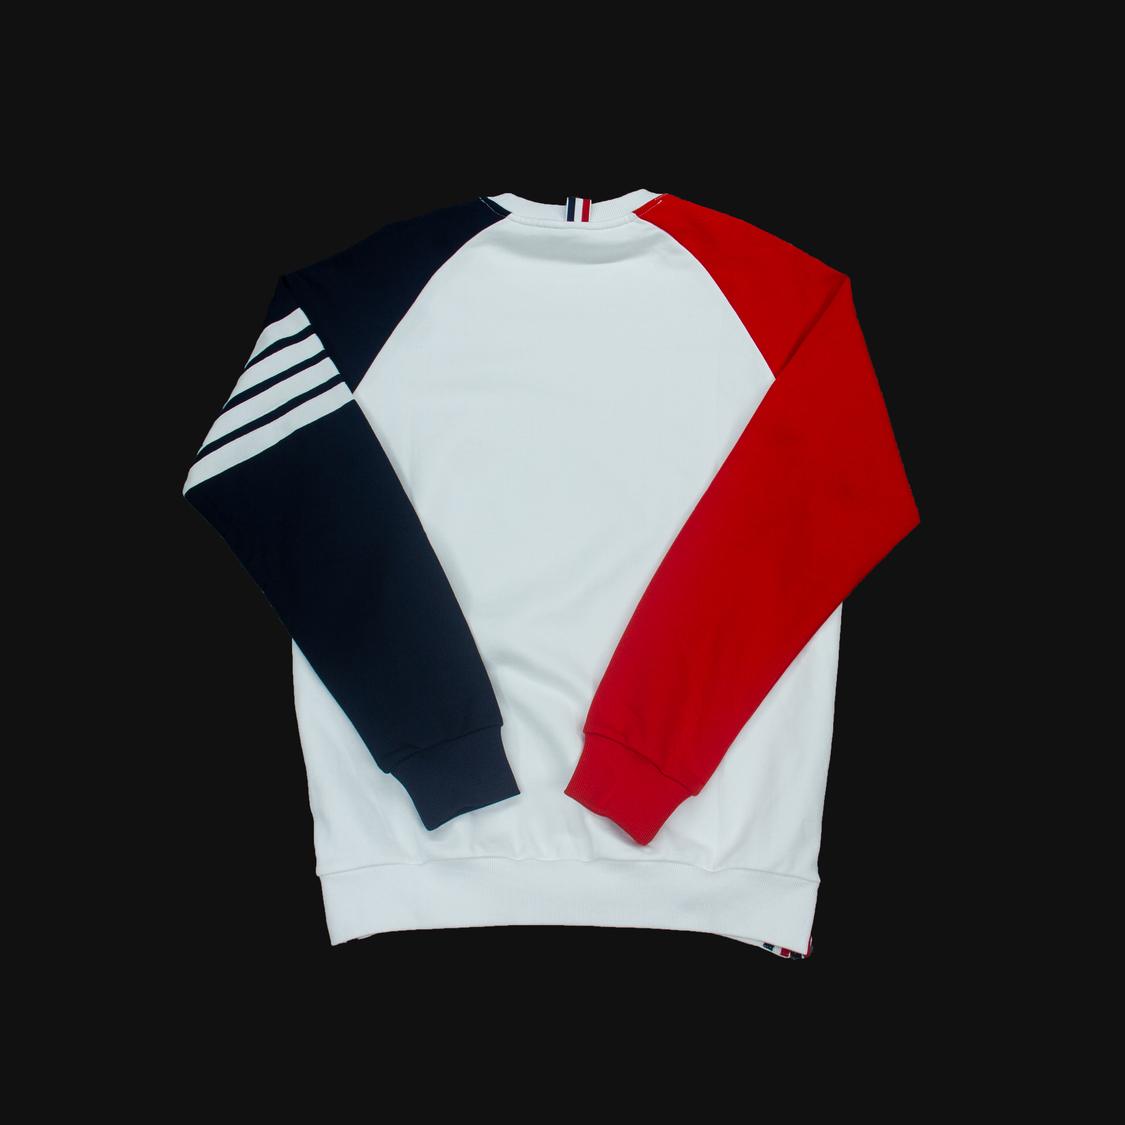 Áo Thom Browne tay đỏ đen - trắng